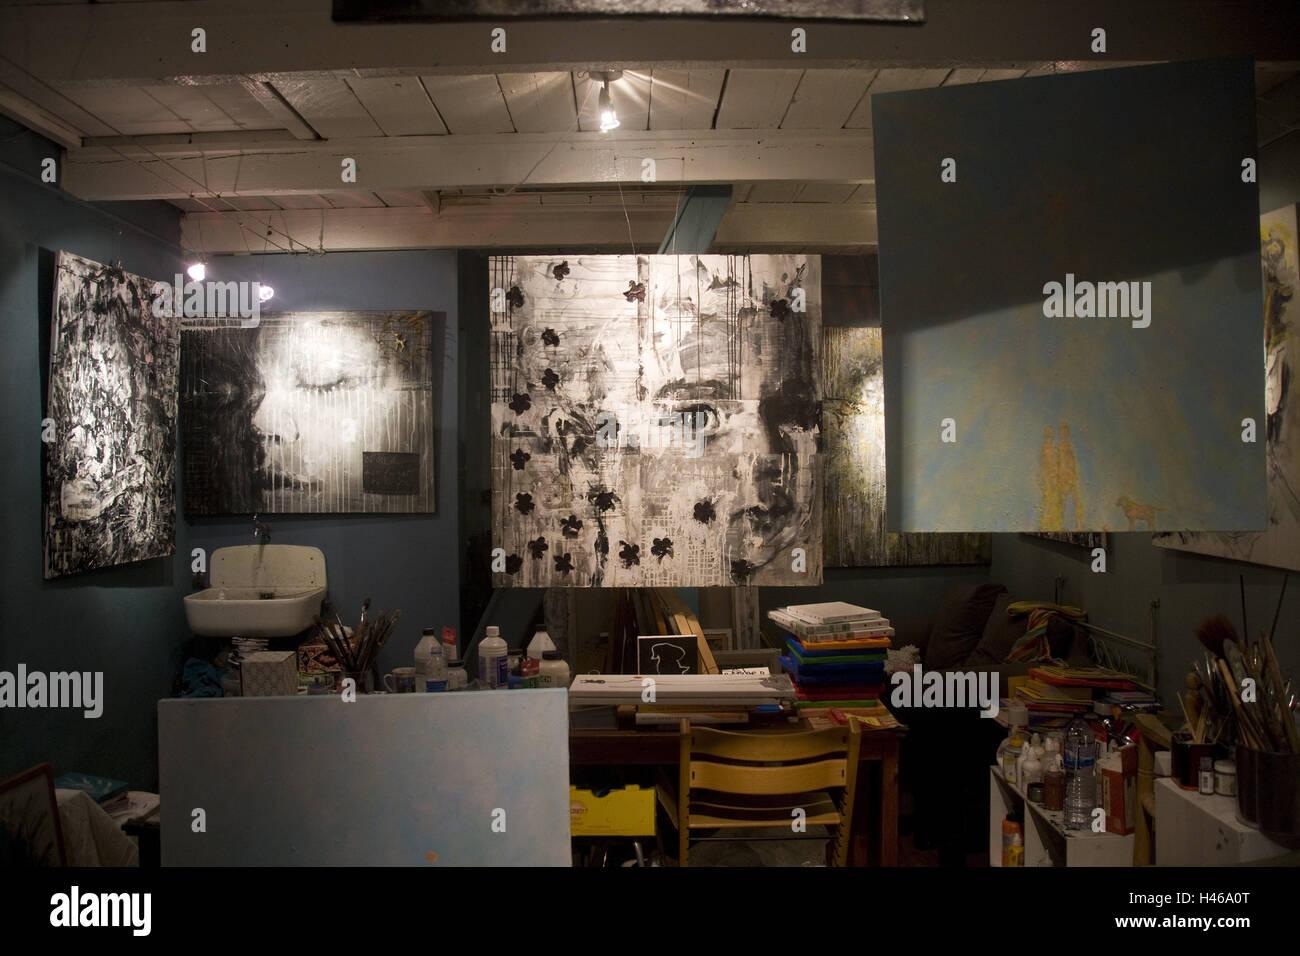 niederlande amsterdam jordaan studio holland bilder waschbecken brsten tisch stuhl farben atelier des malers kunst portraits malerei innen - Stuhlfarben